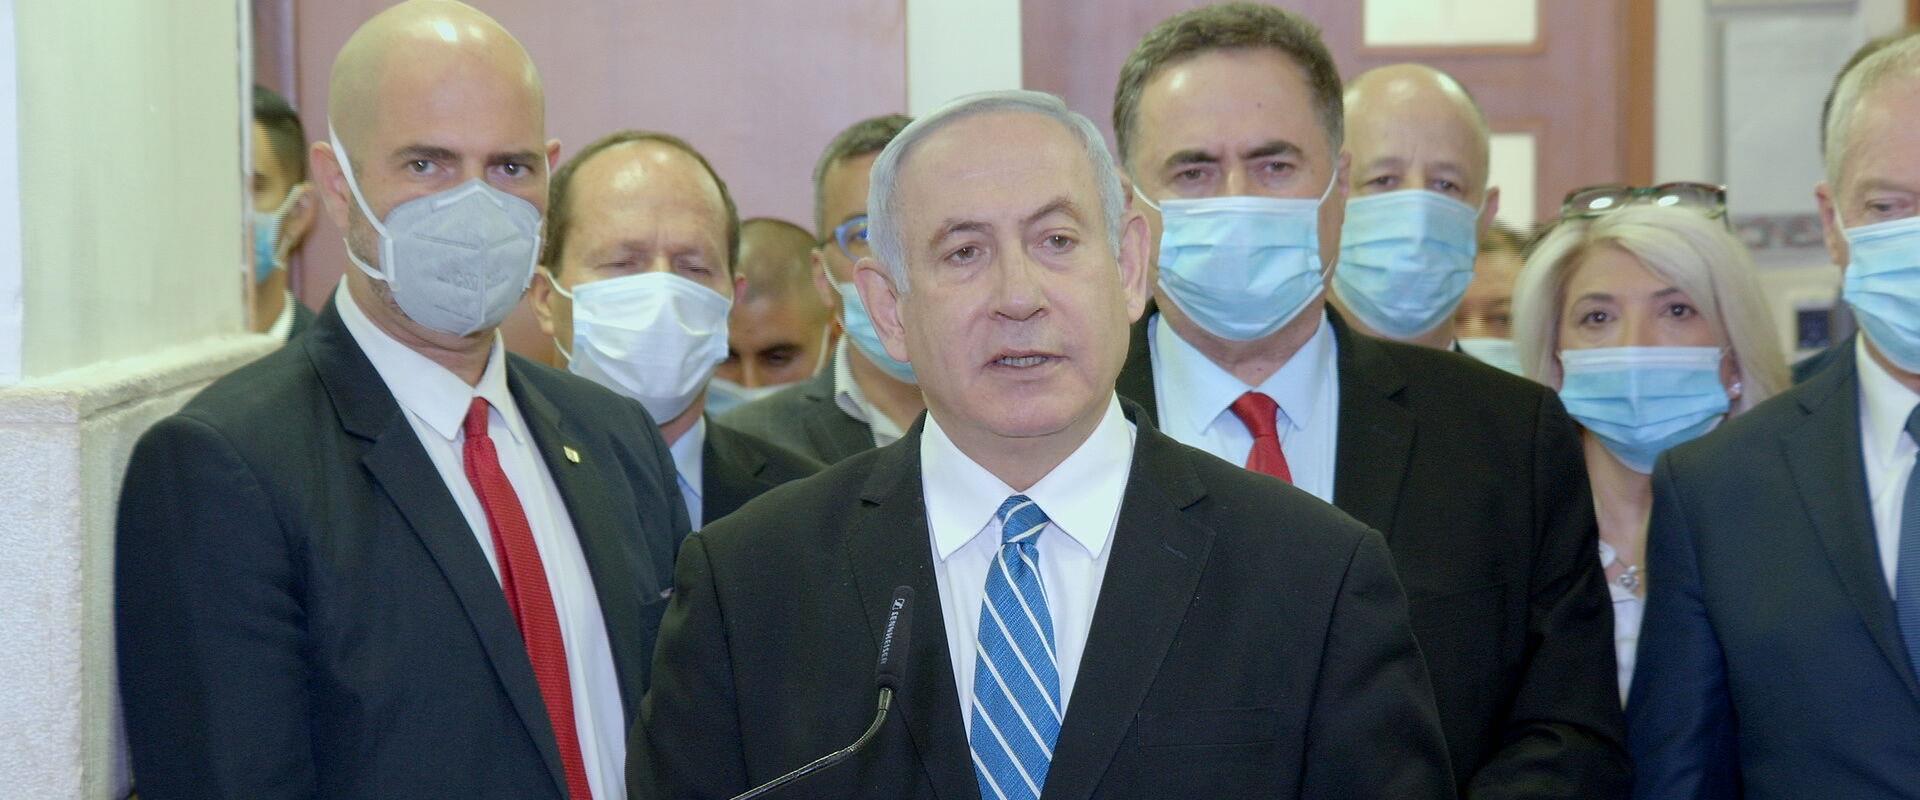 משפט נתניהו, ביבי באולם בית המשפט המחוזי ירושלים 2